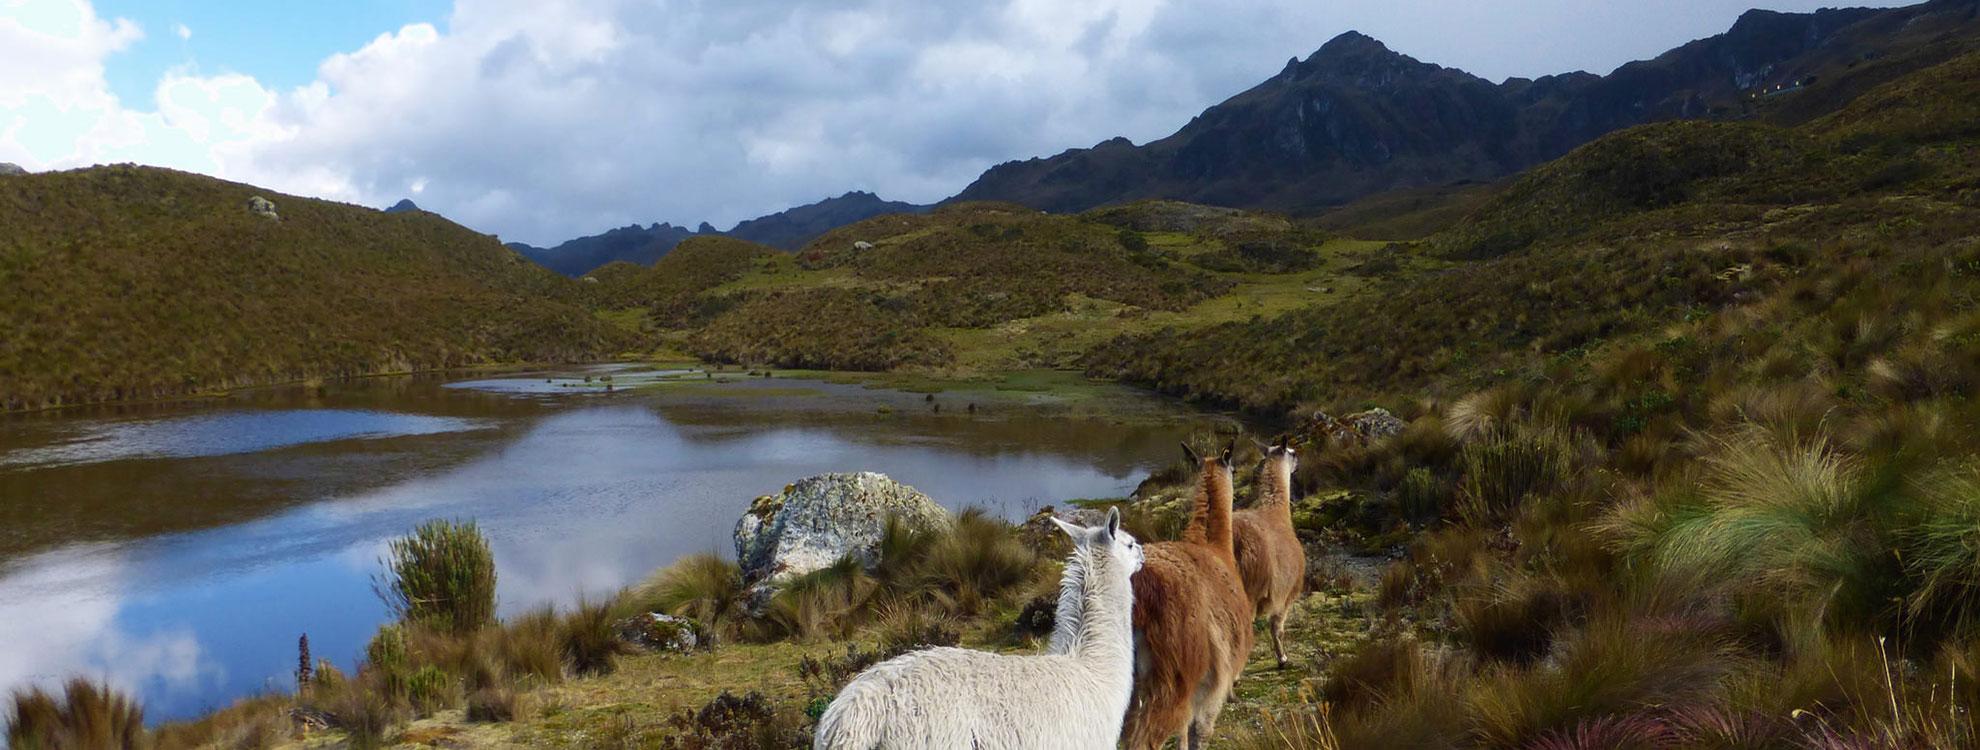 Ecuador Andes Tours